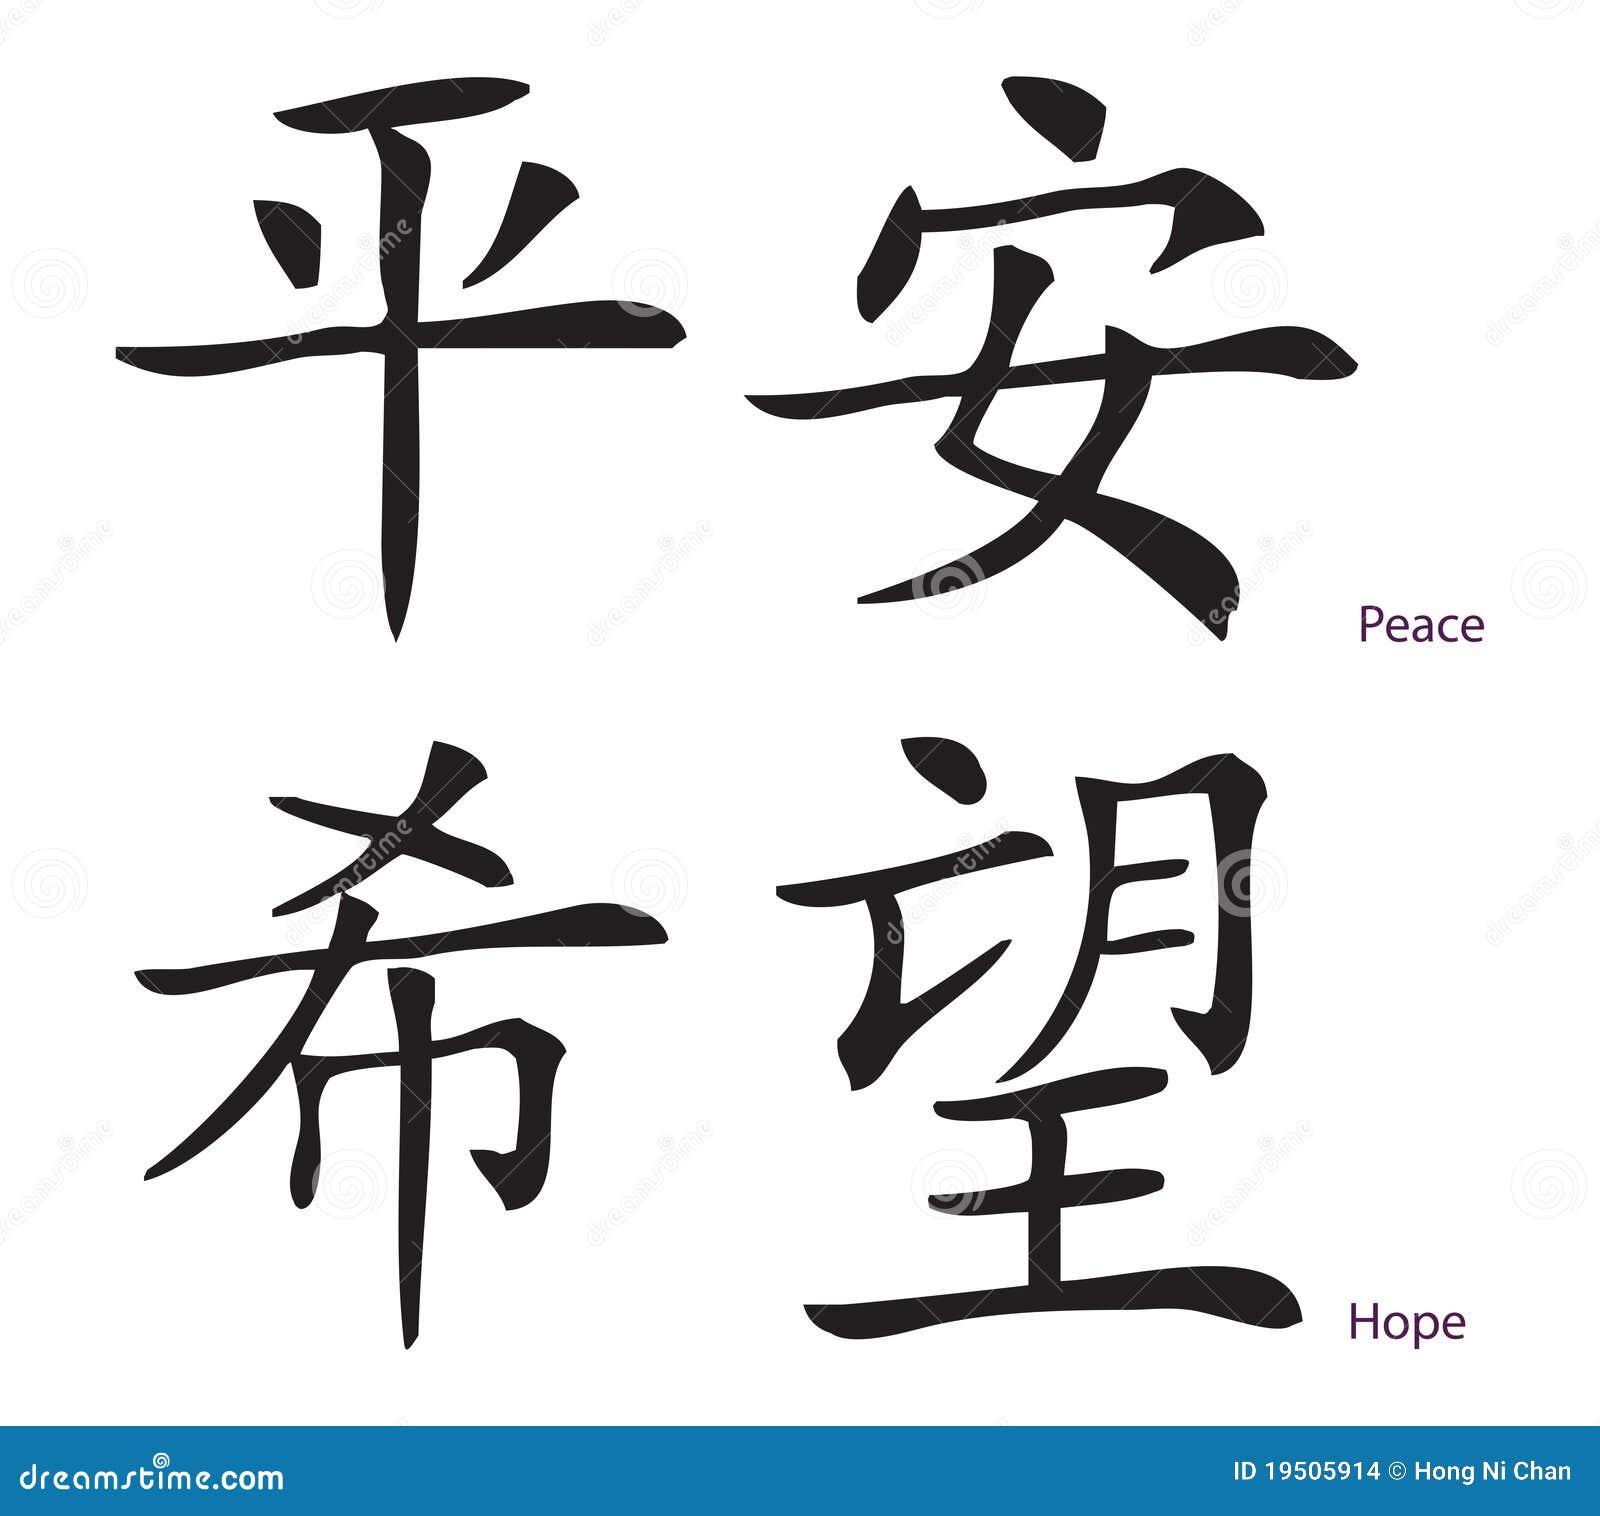 Easy Chinese Symbols Hope